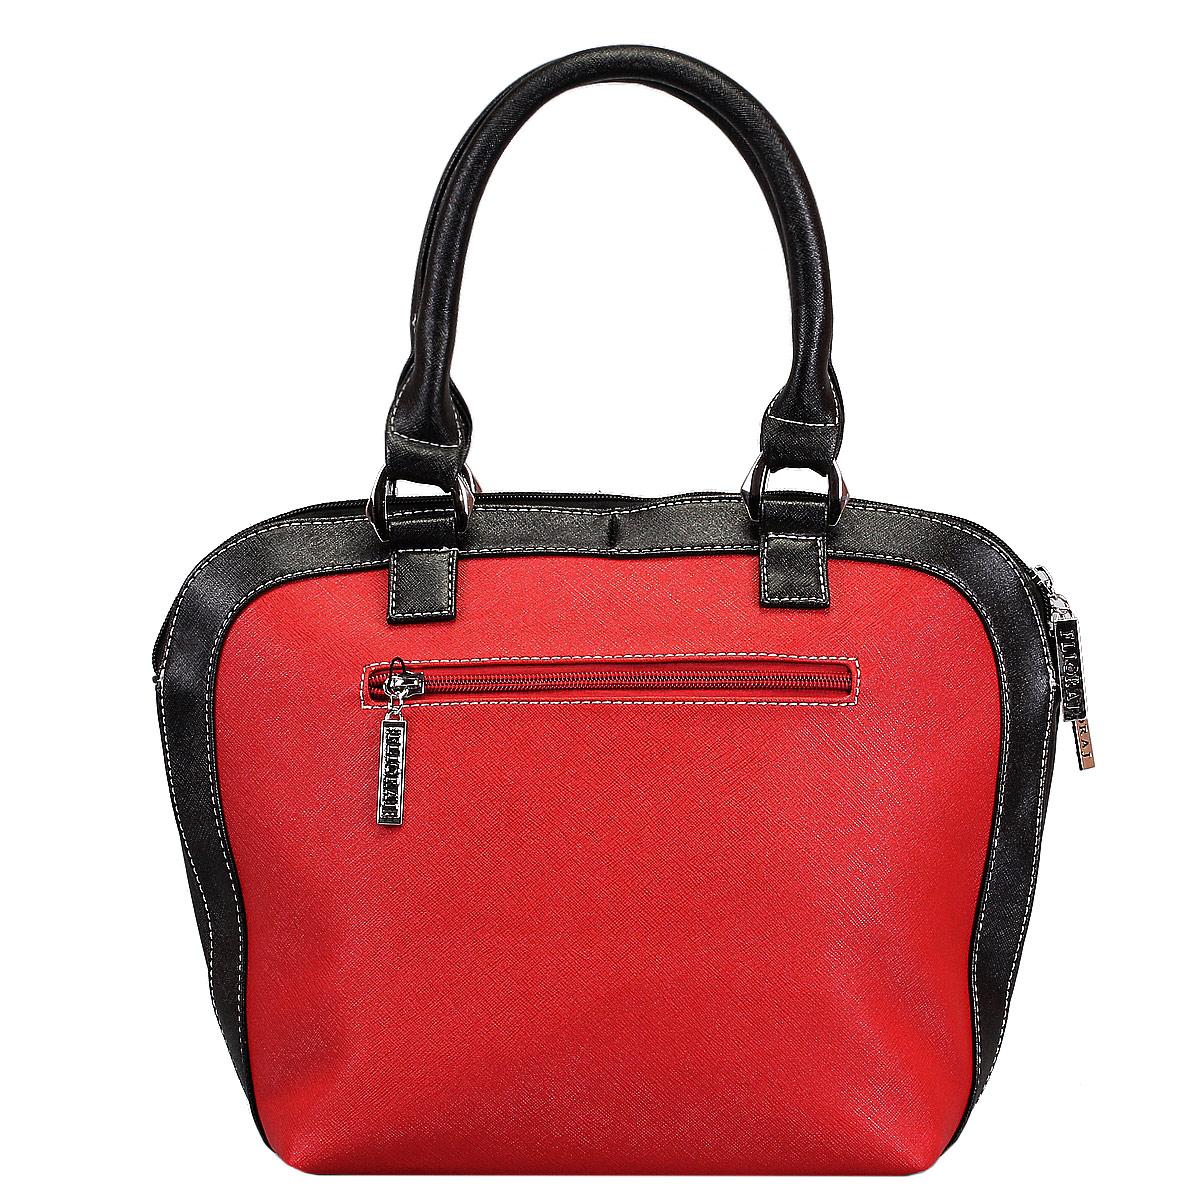 Красная женская сумка 80 фото: с чем носить, лаковая